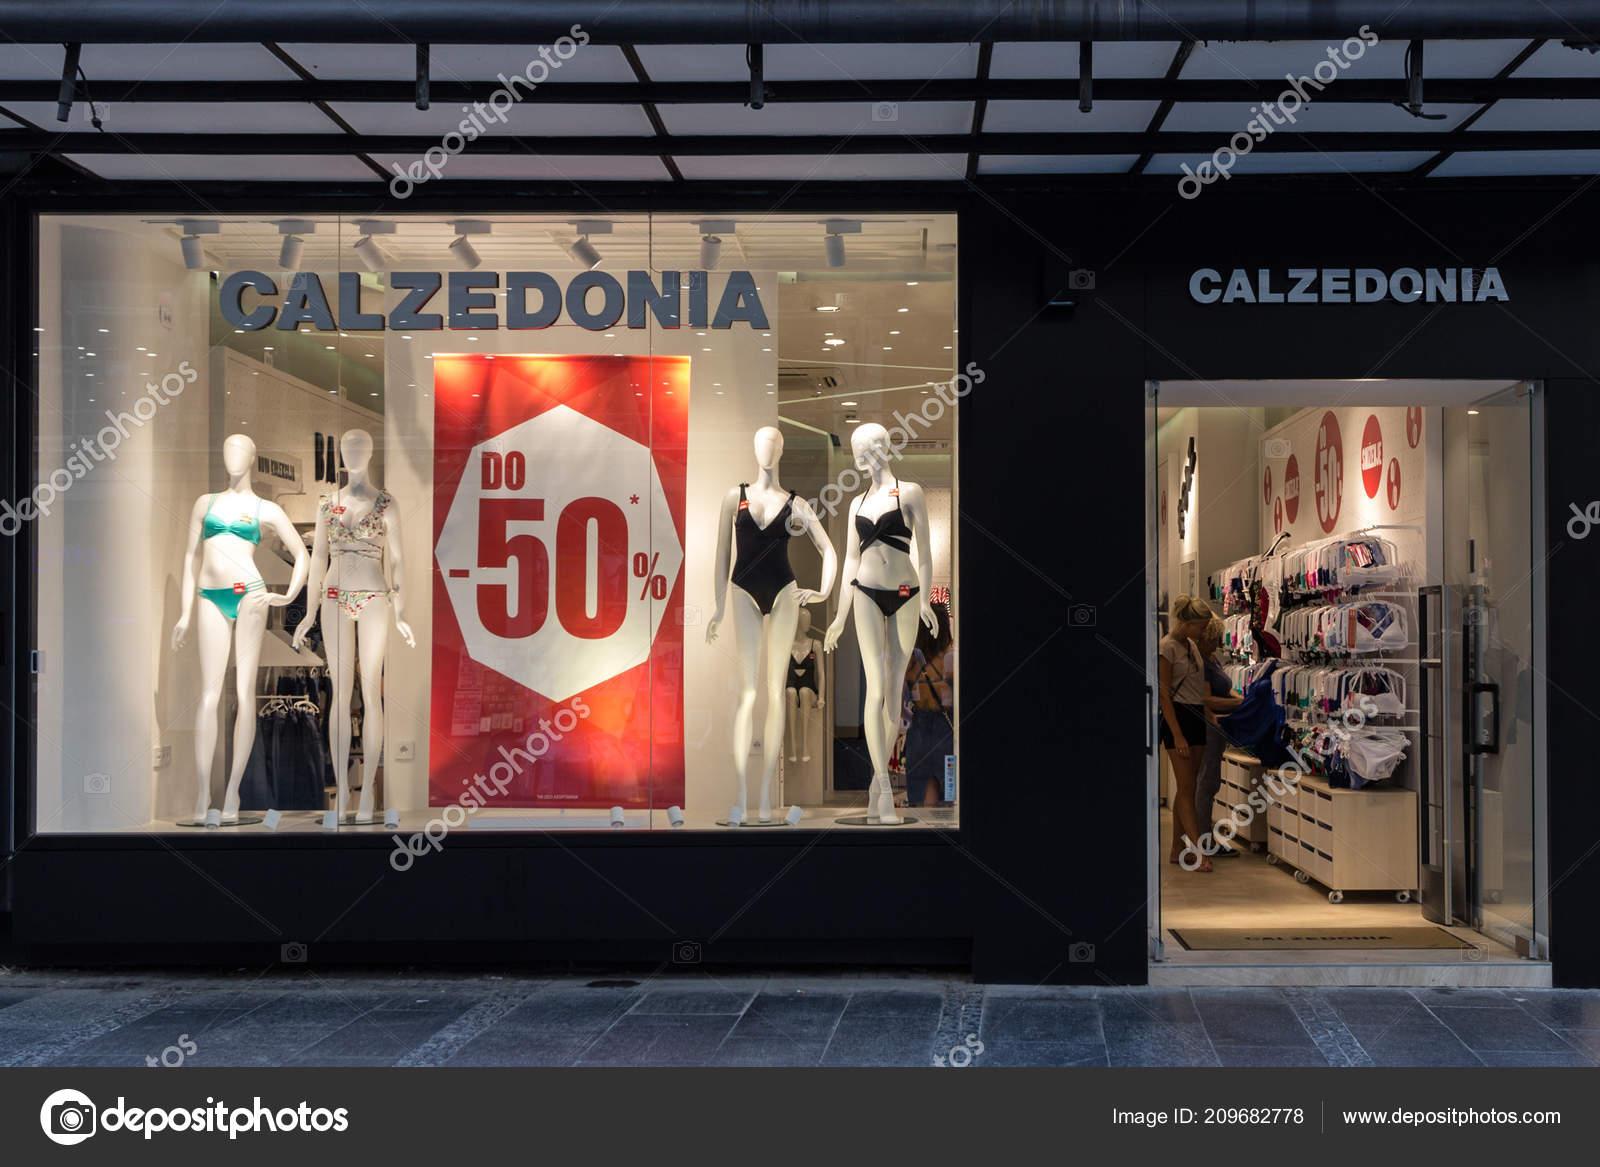 cbc8fcd96 Belgrado, Sérvia - 14 de agosto de 2018: Logotipo da Calzedonia em sua  principal loja em Belgrado. Calzedonia é uma marca de varejo de moda  italiana ...